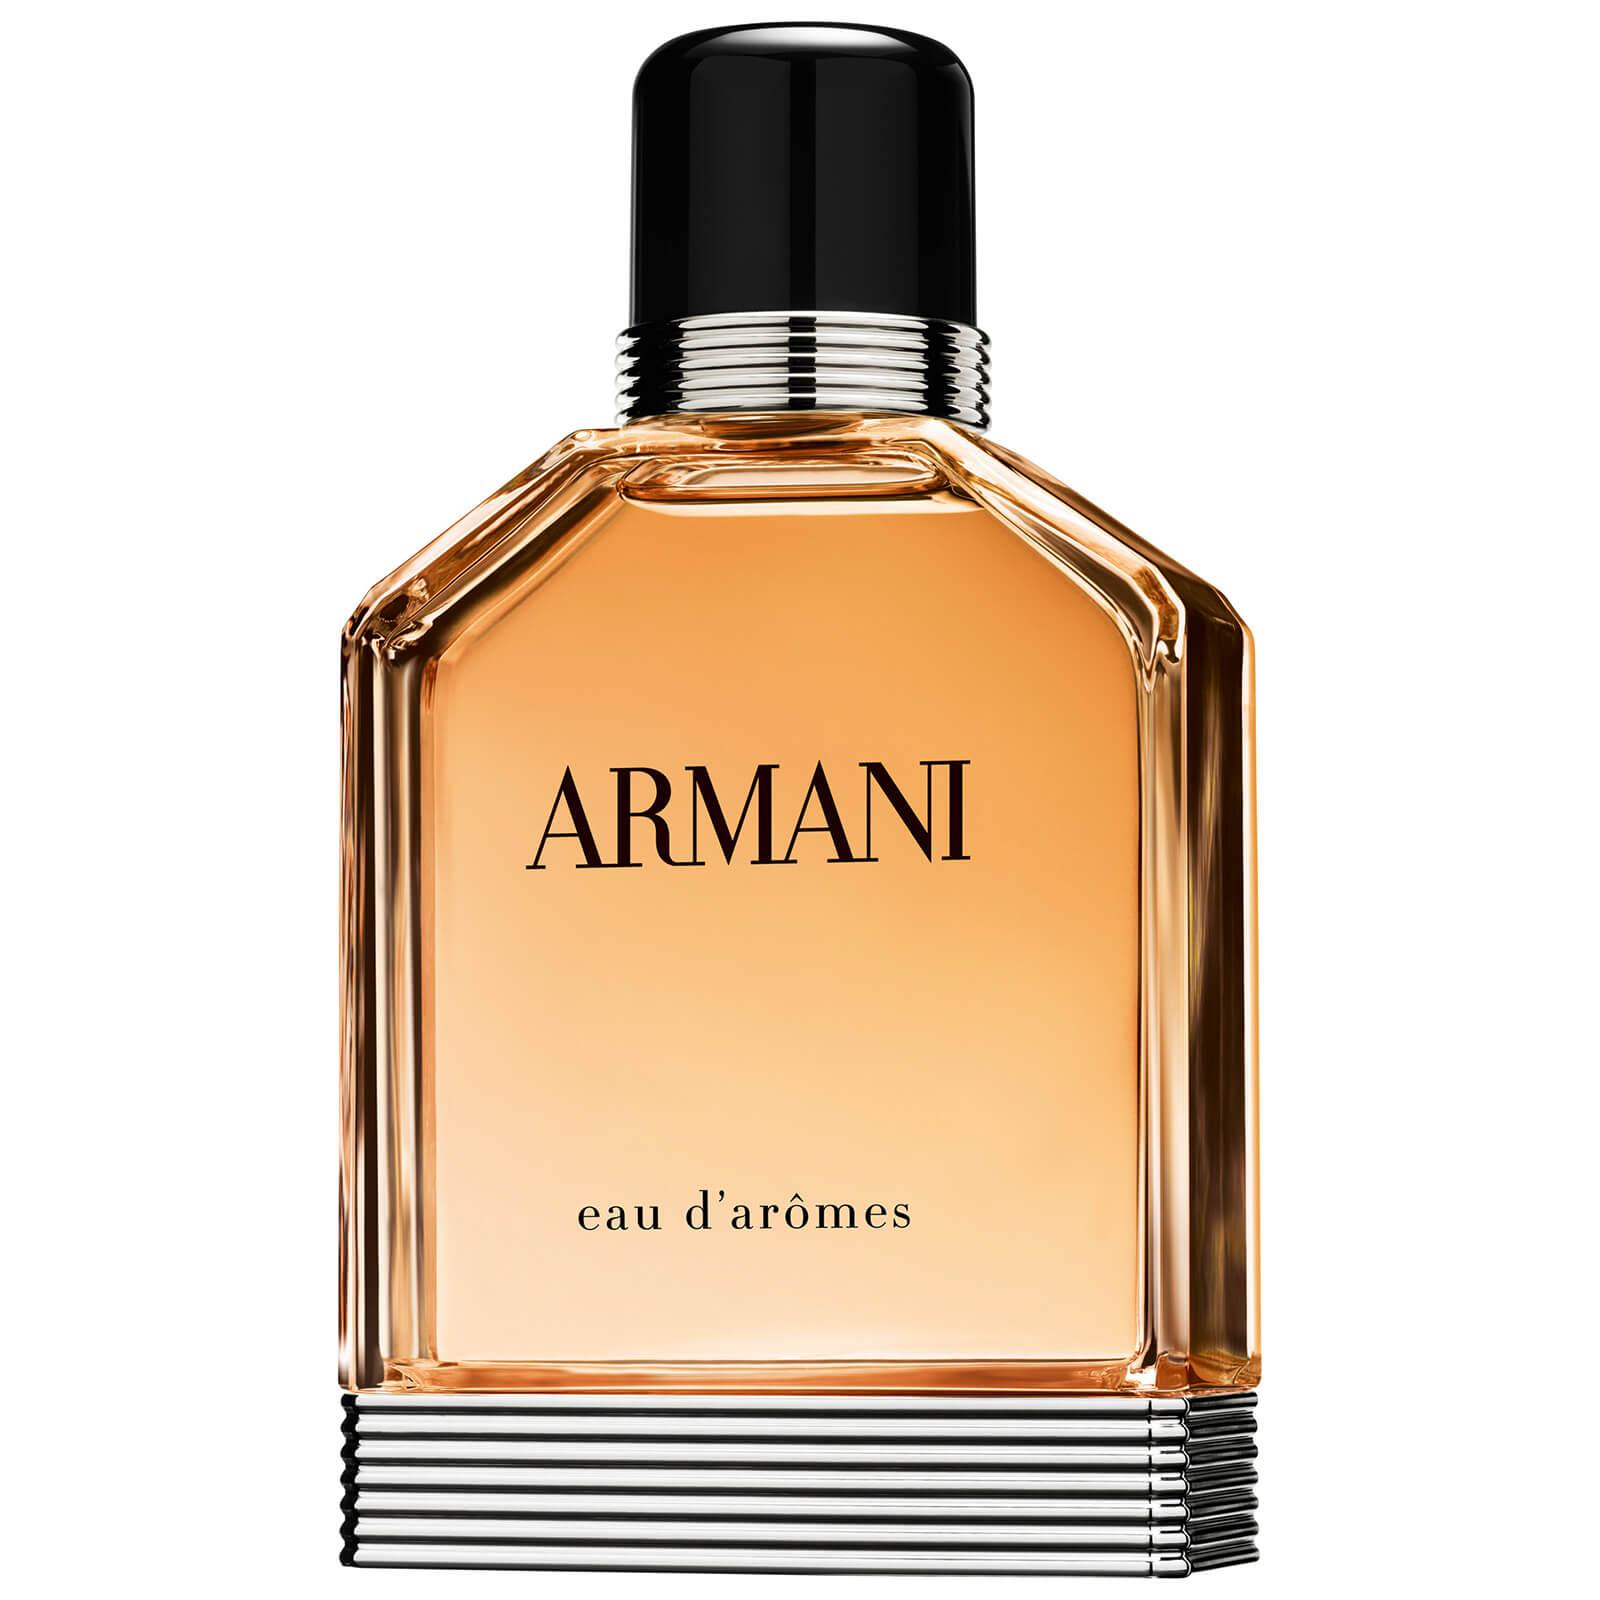 Armani Eau D'Aromes Eau de Toilette (Various Sizes) - 100ml